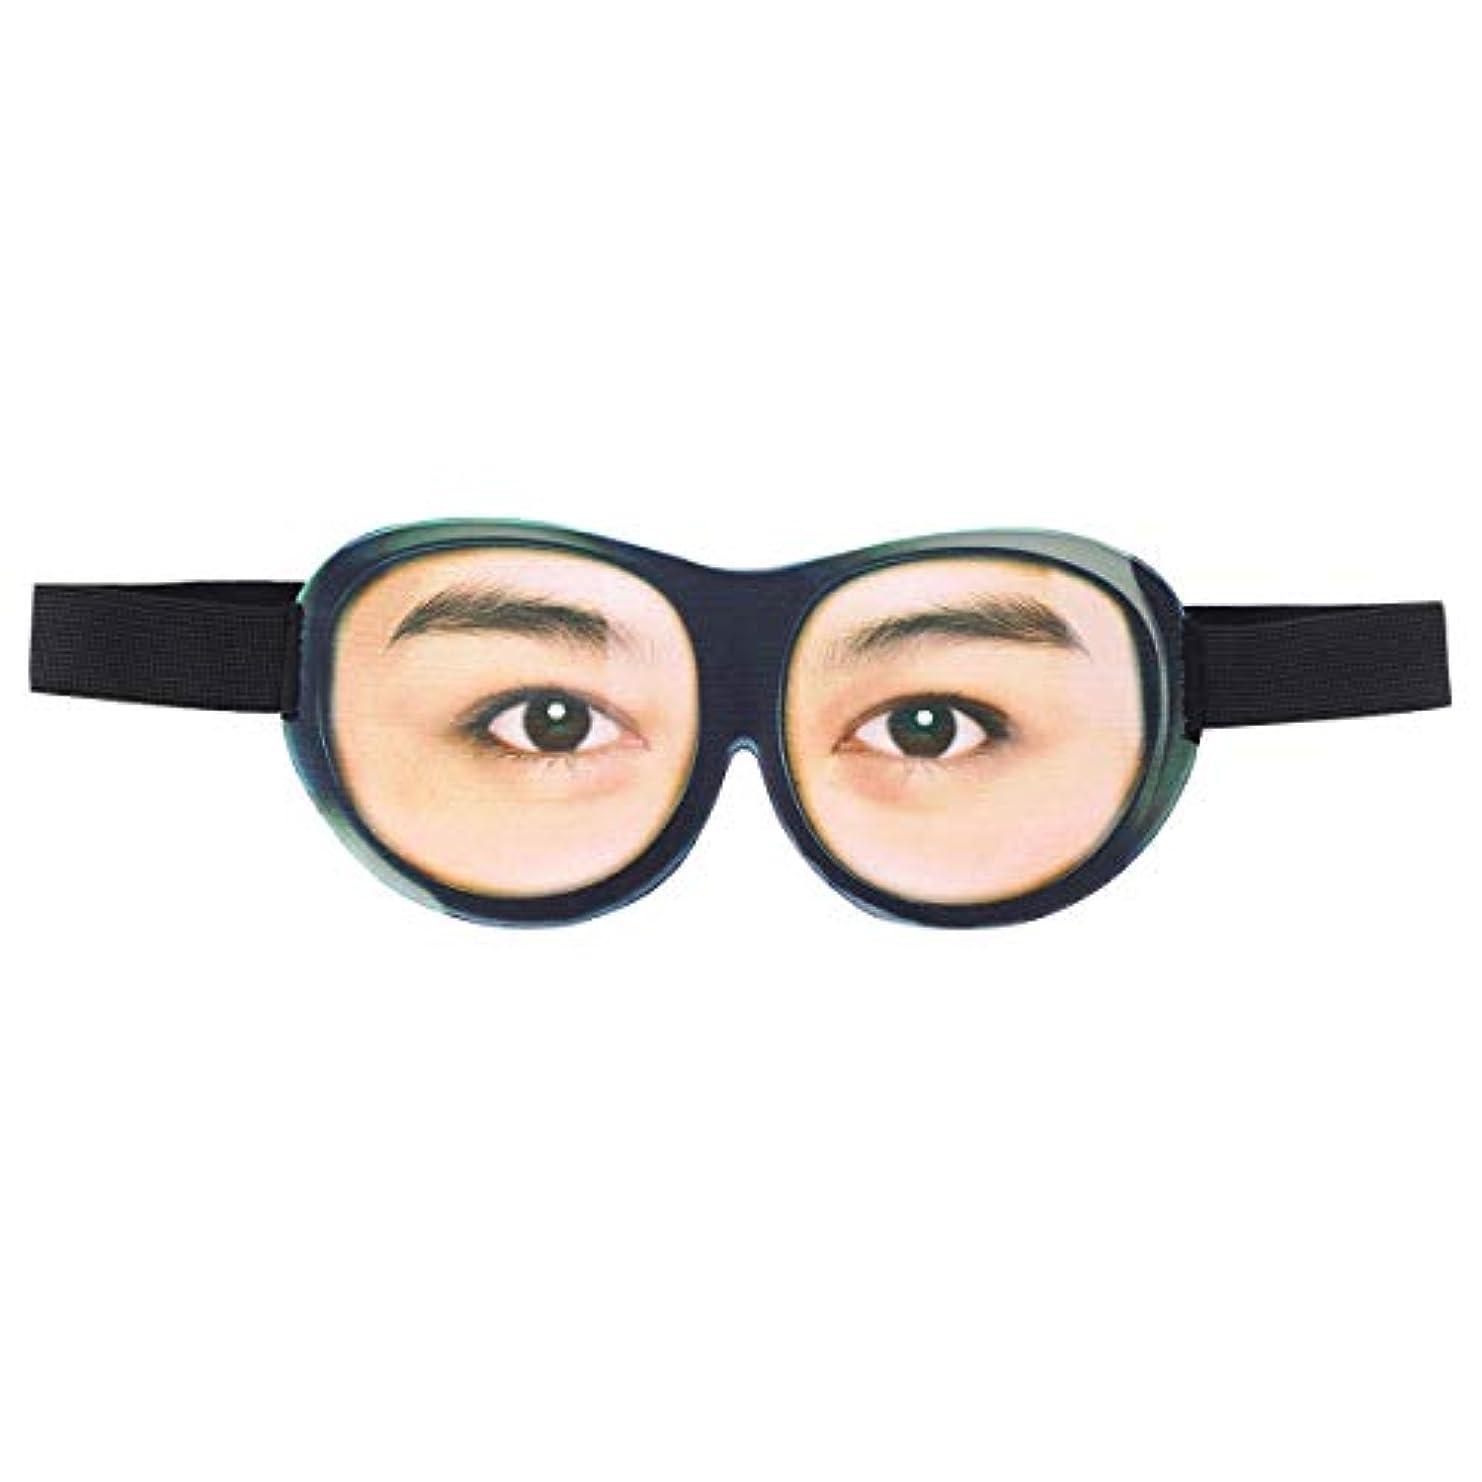 塗抹誰も絶望的なSUPVOX 面白いアイシェード3Dスリープマスクブラインドパッチアイマスク目隠し